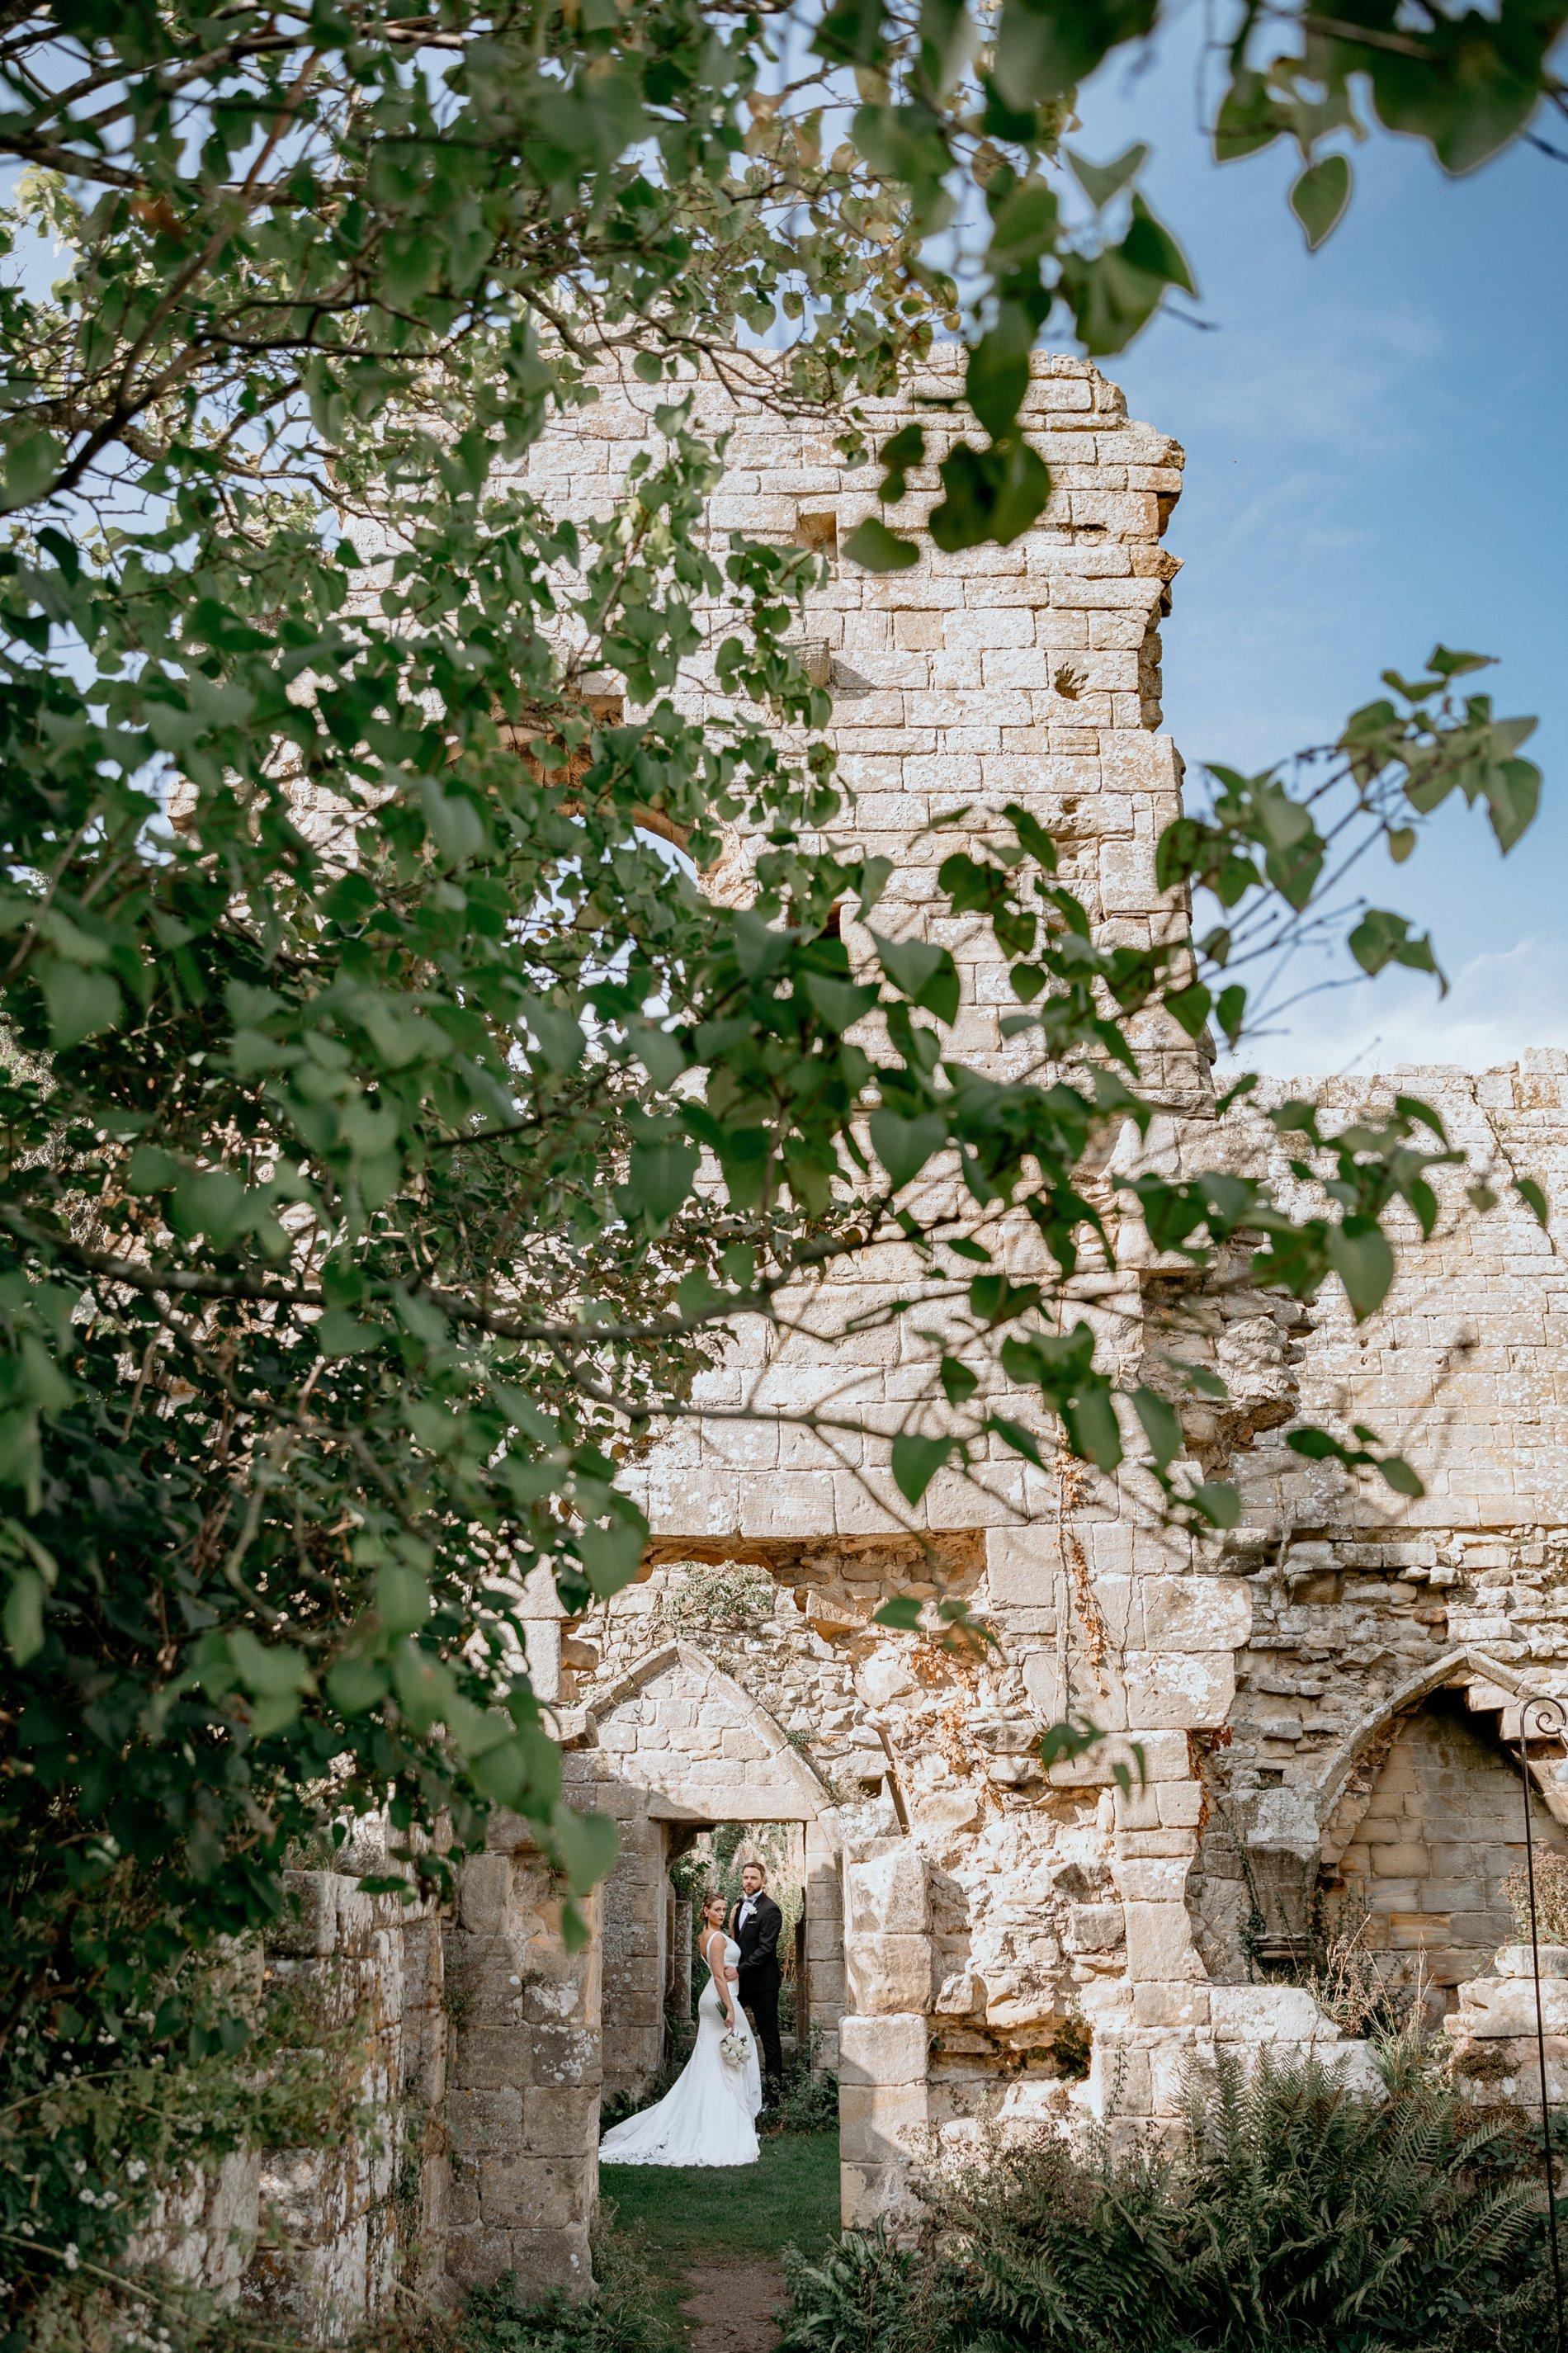 An Elegant Wedding Shoot at Jervaulx Abbey (c) Natalie Hamilton Photography (4)